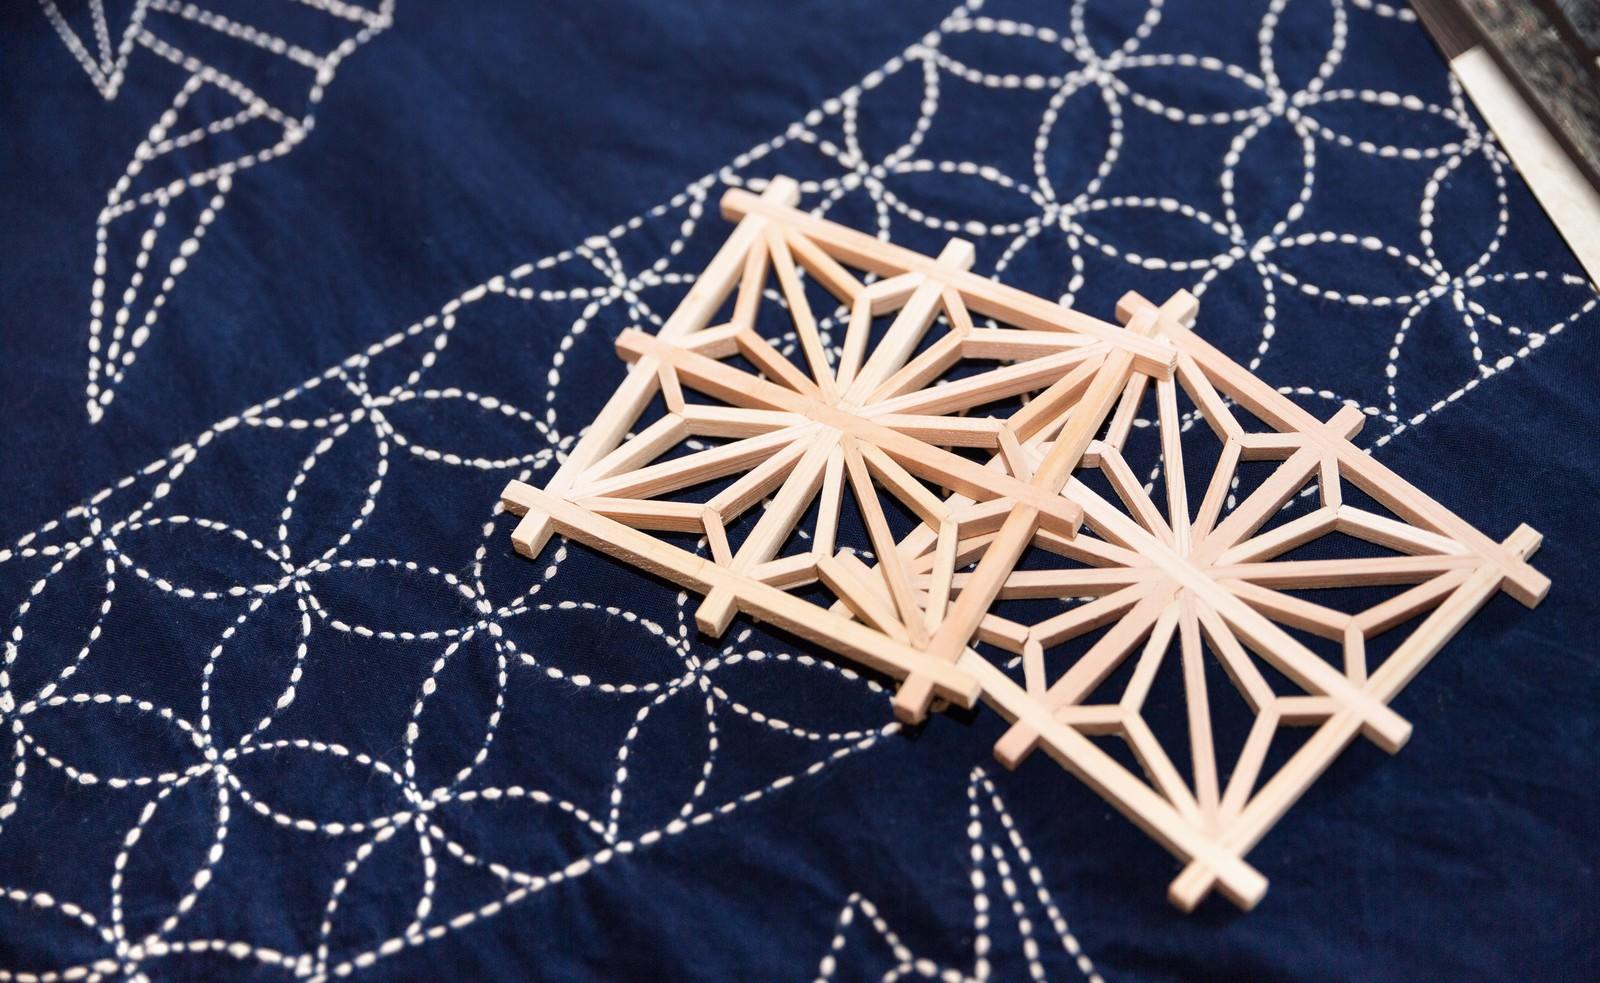 「千葉県指定伝統工芸の建具組子」の写真